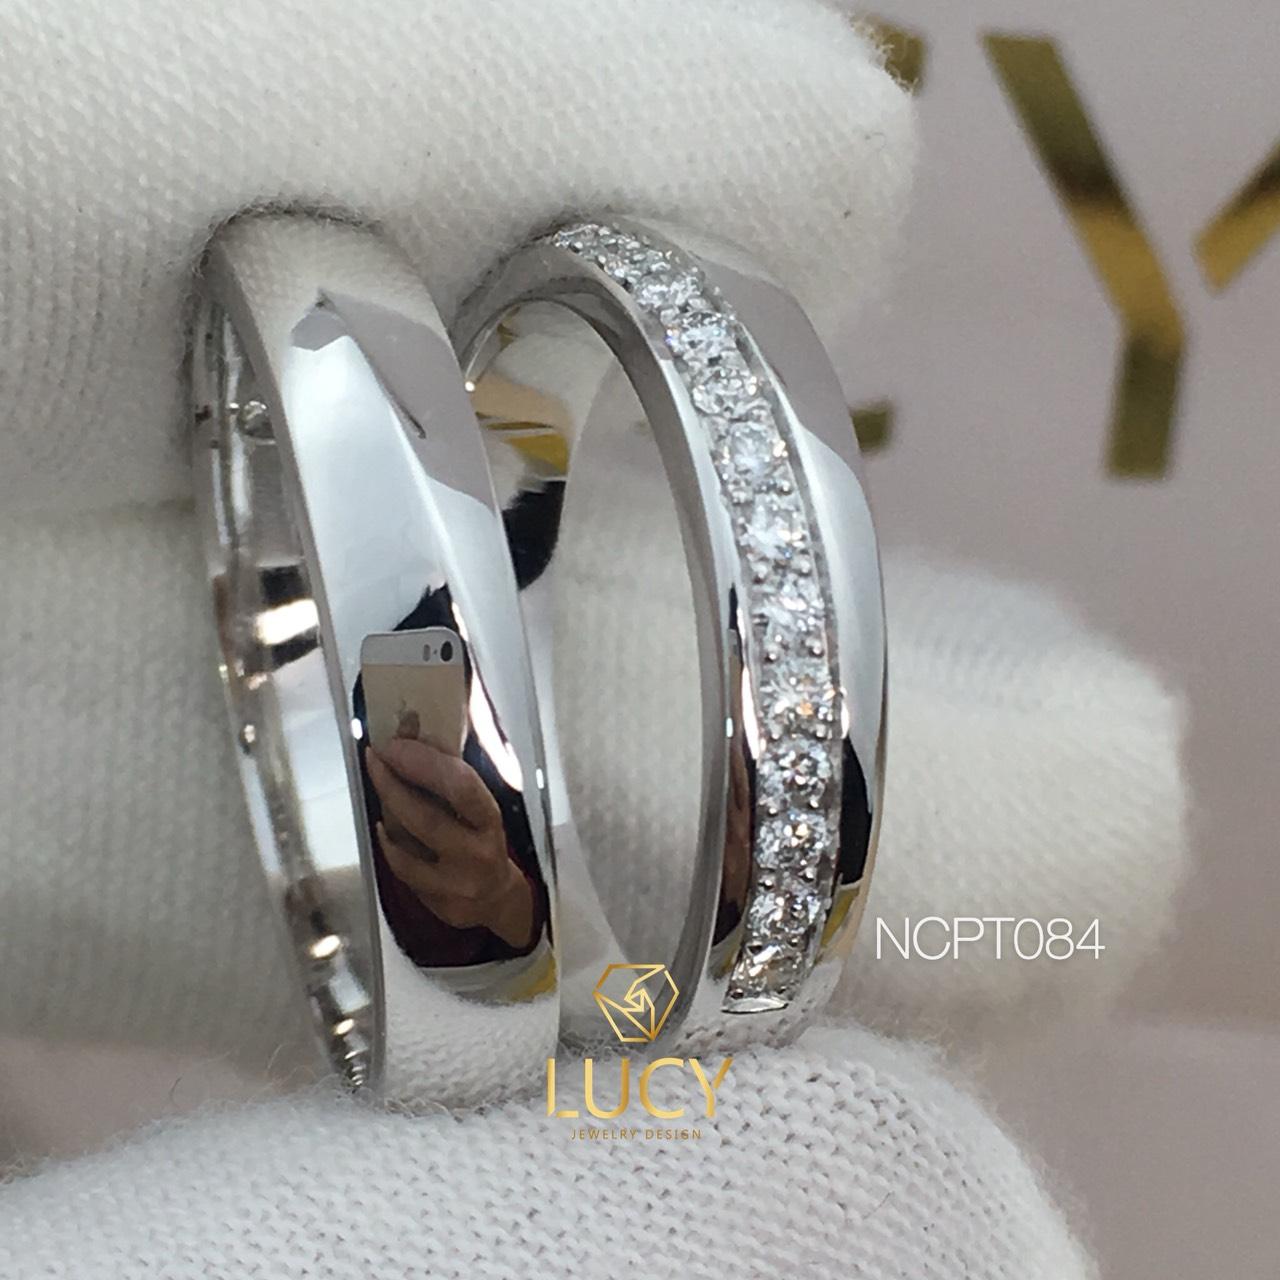 NCPT084 Nhẫn cưới bạch kim cao cấp Platinum 90% PT900 - Lucy Jewelry